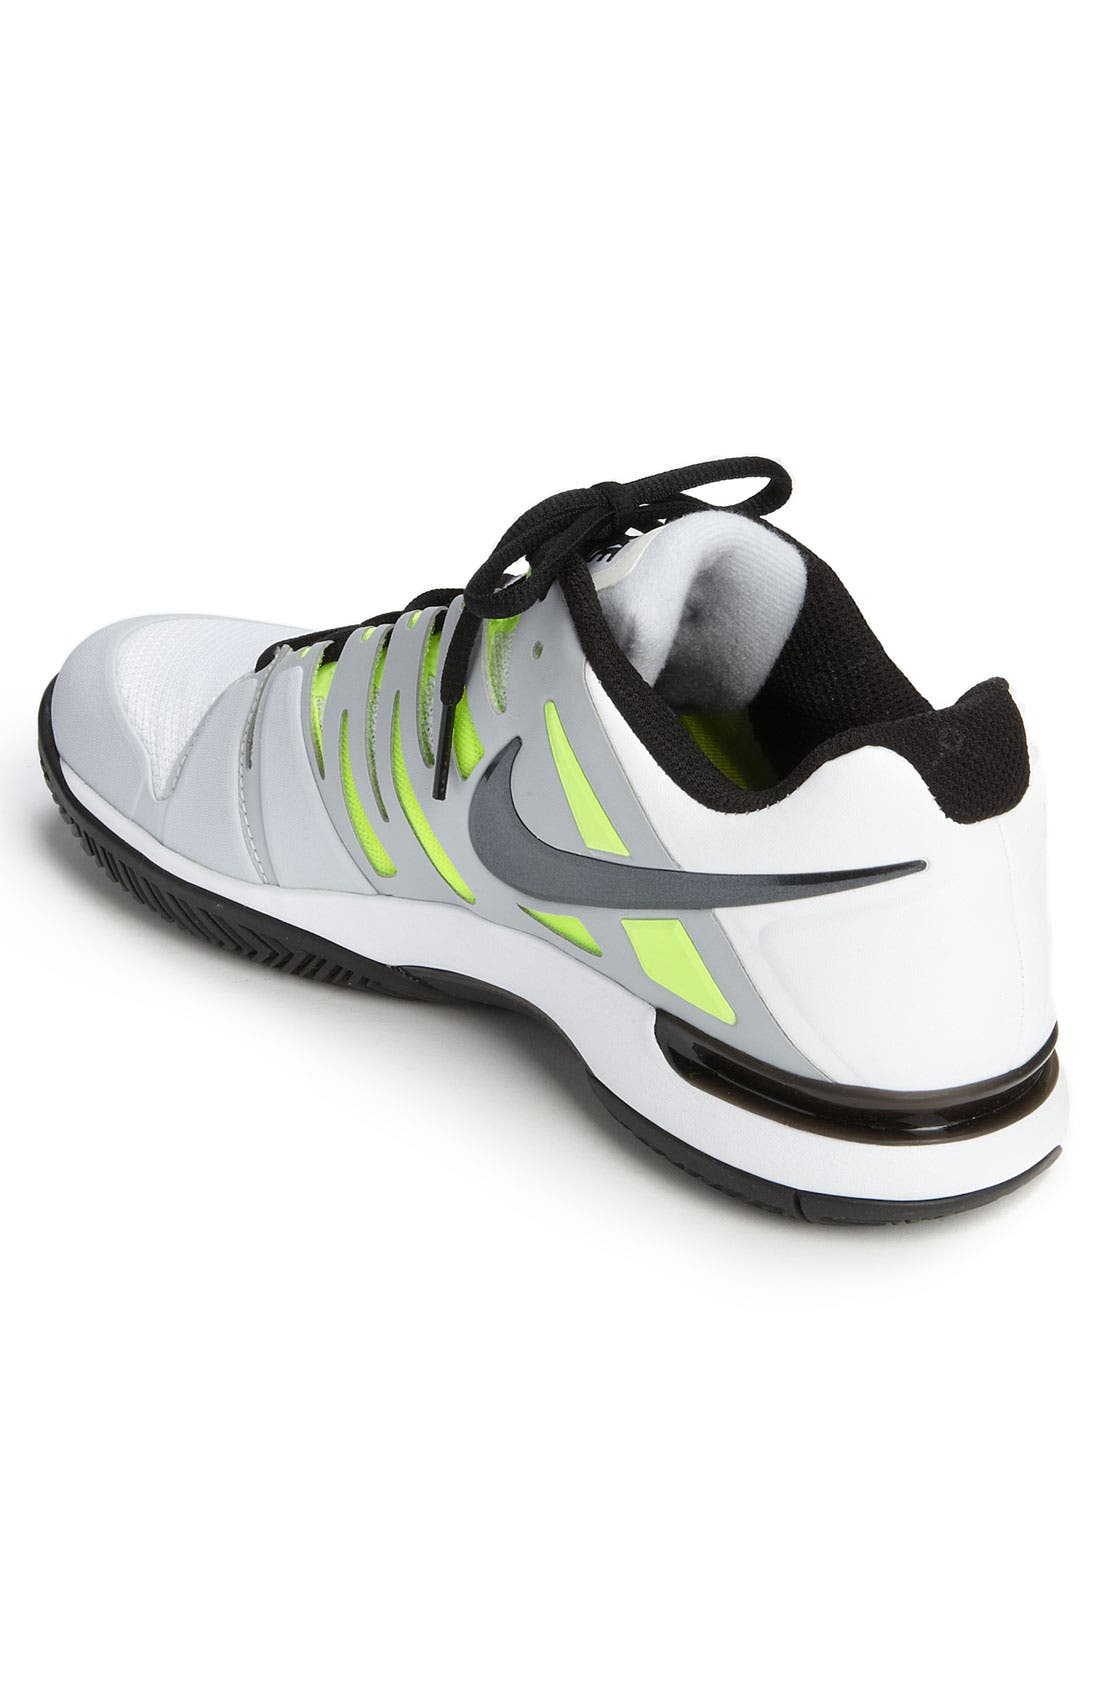 Alternate Image 2  - Nike 'Zoom Vapor 9 Tour' Tennis Shoe (Men)